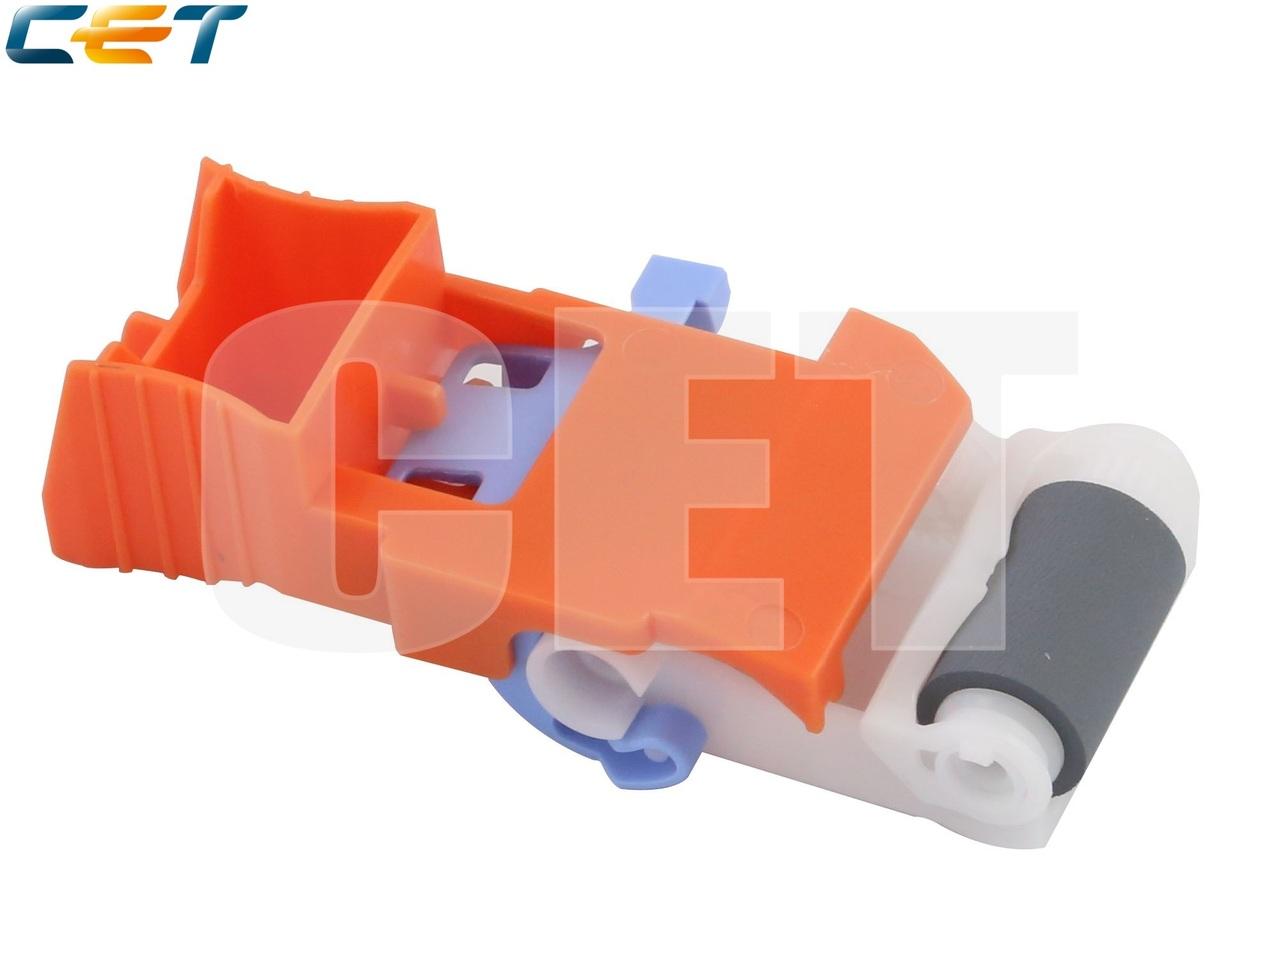 Ролик подхвата с инструментом для установки RM2-1275-000для HP LaserJet Enterprise M607dn/608dn/609dn/MFPM631dn/632h (CET), CET7867